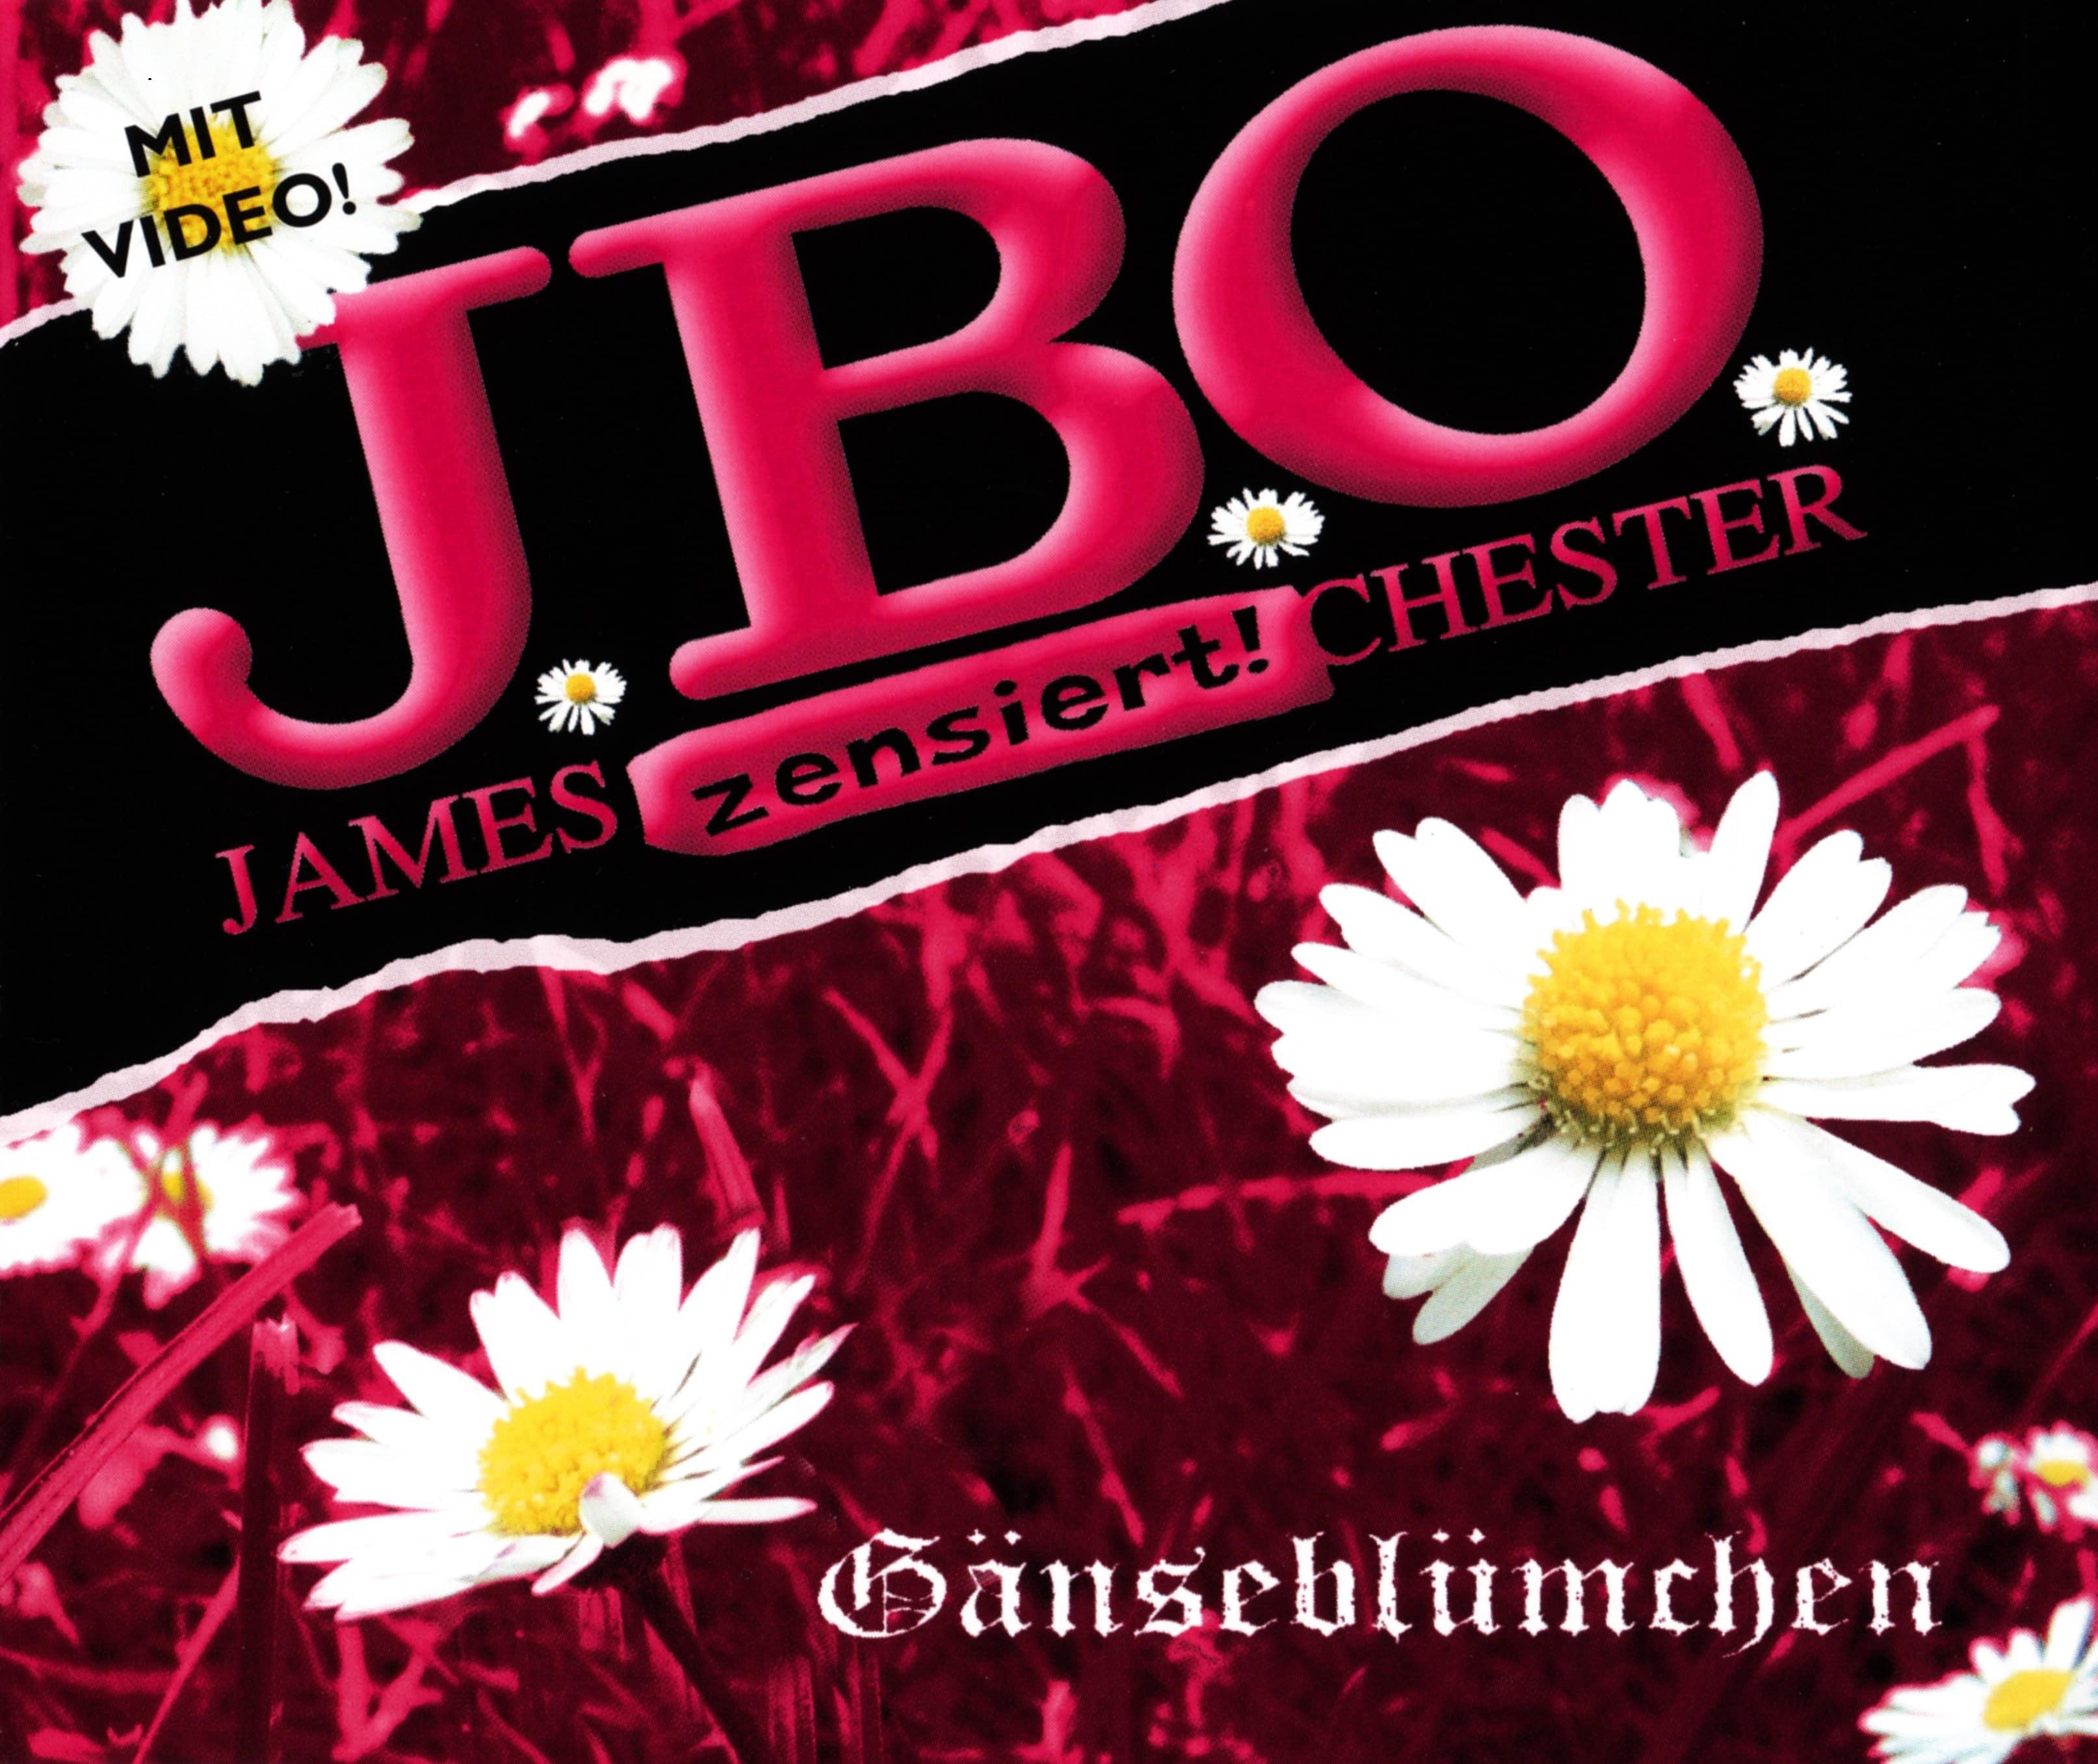 Valentinstagsgrüße & Gänseblümchen von J.B.O.